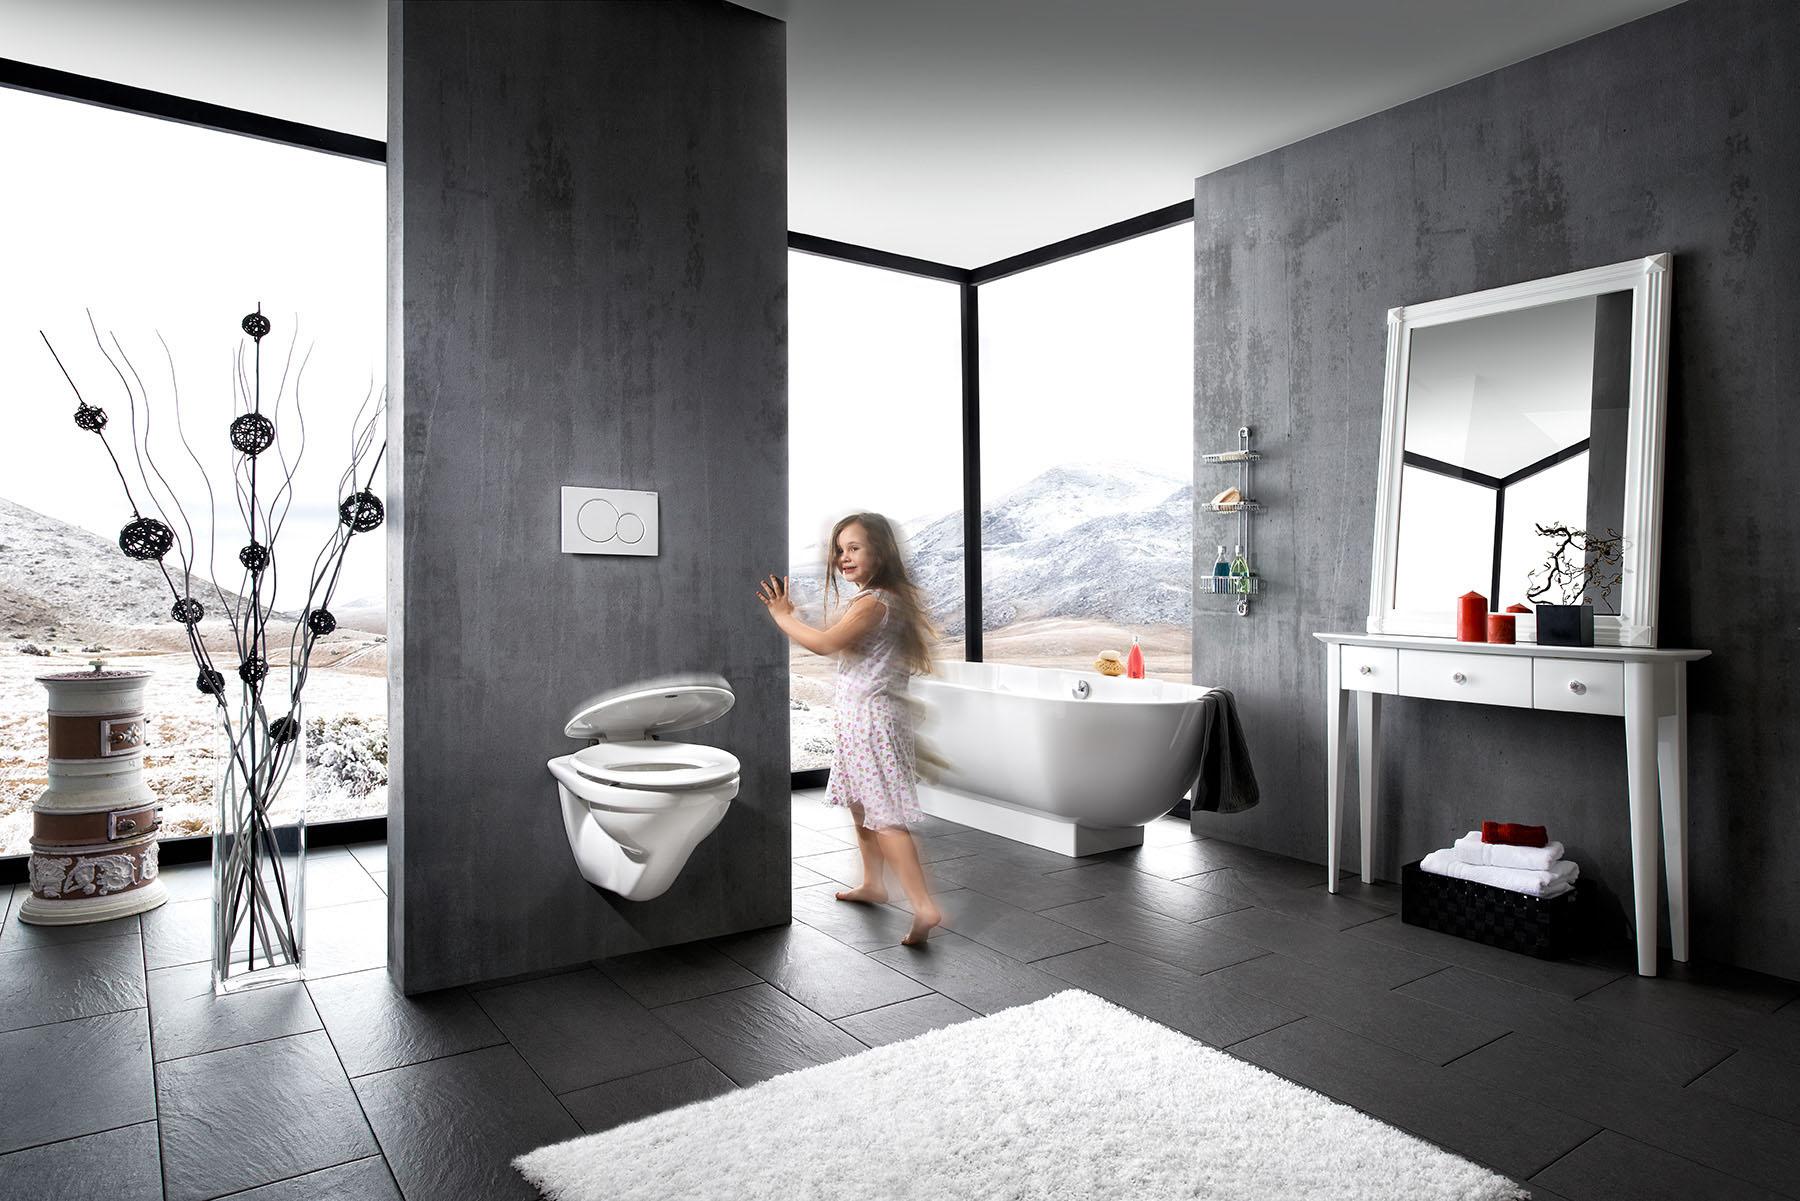 a009b-Interieur-Fotograf-Fotostudio-PG_Studios